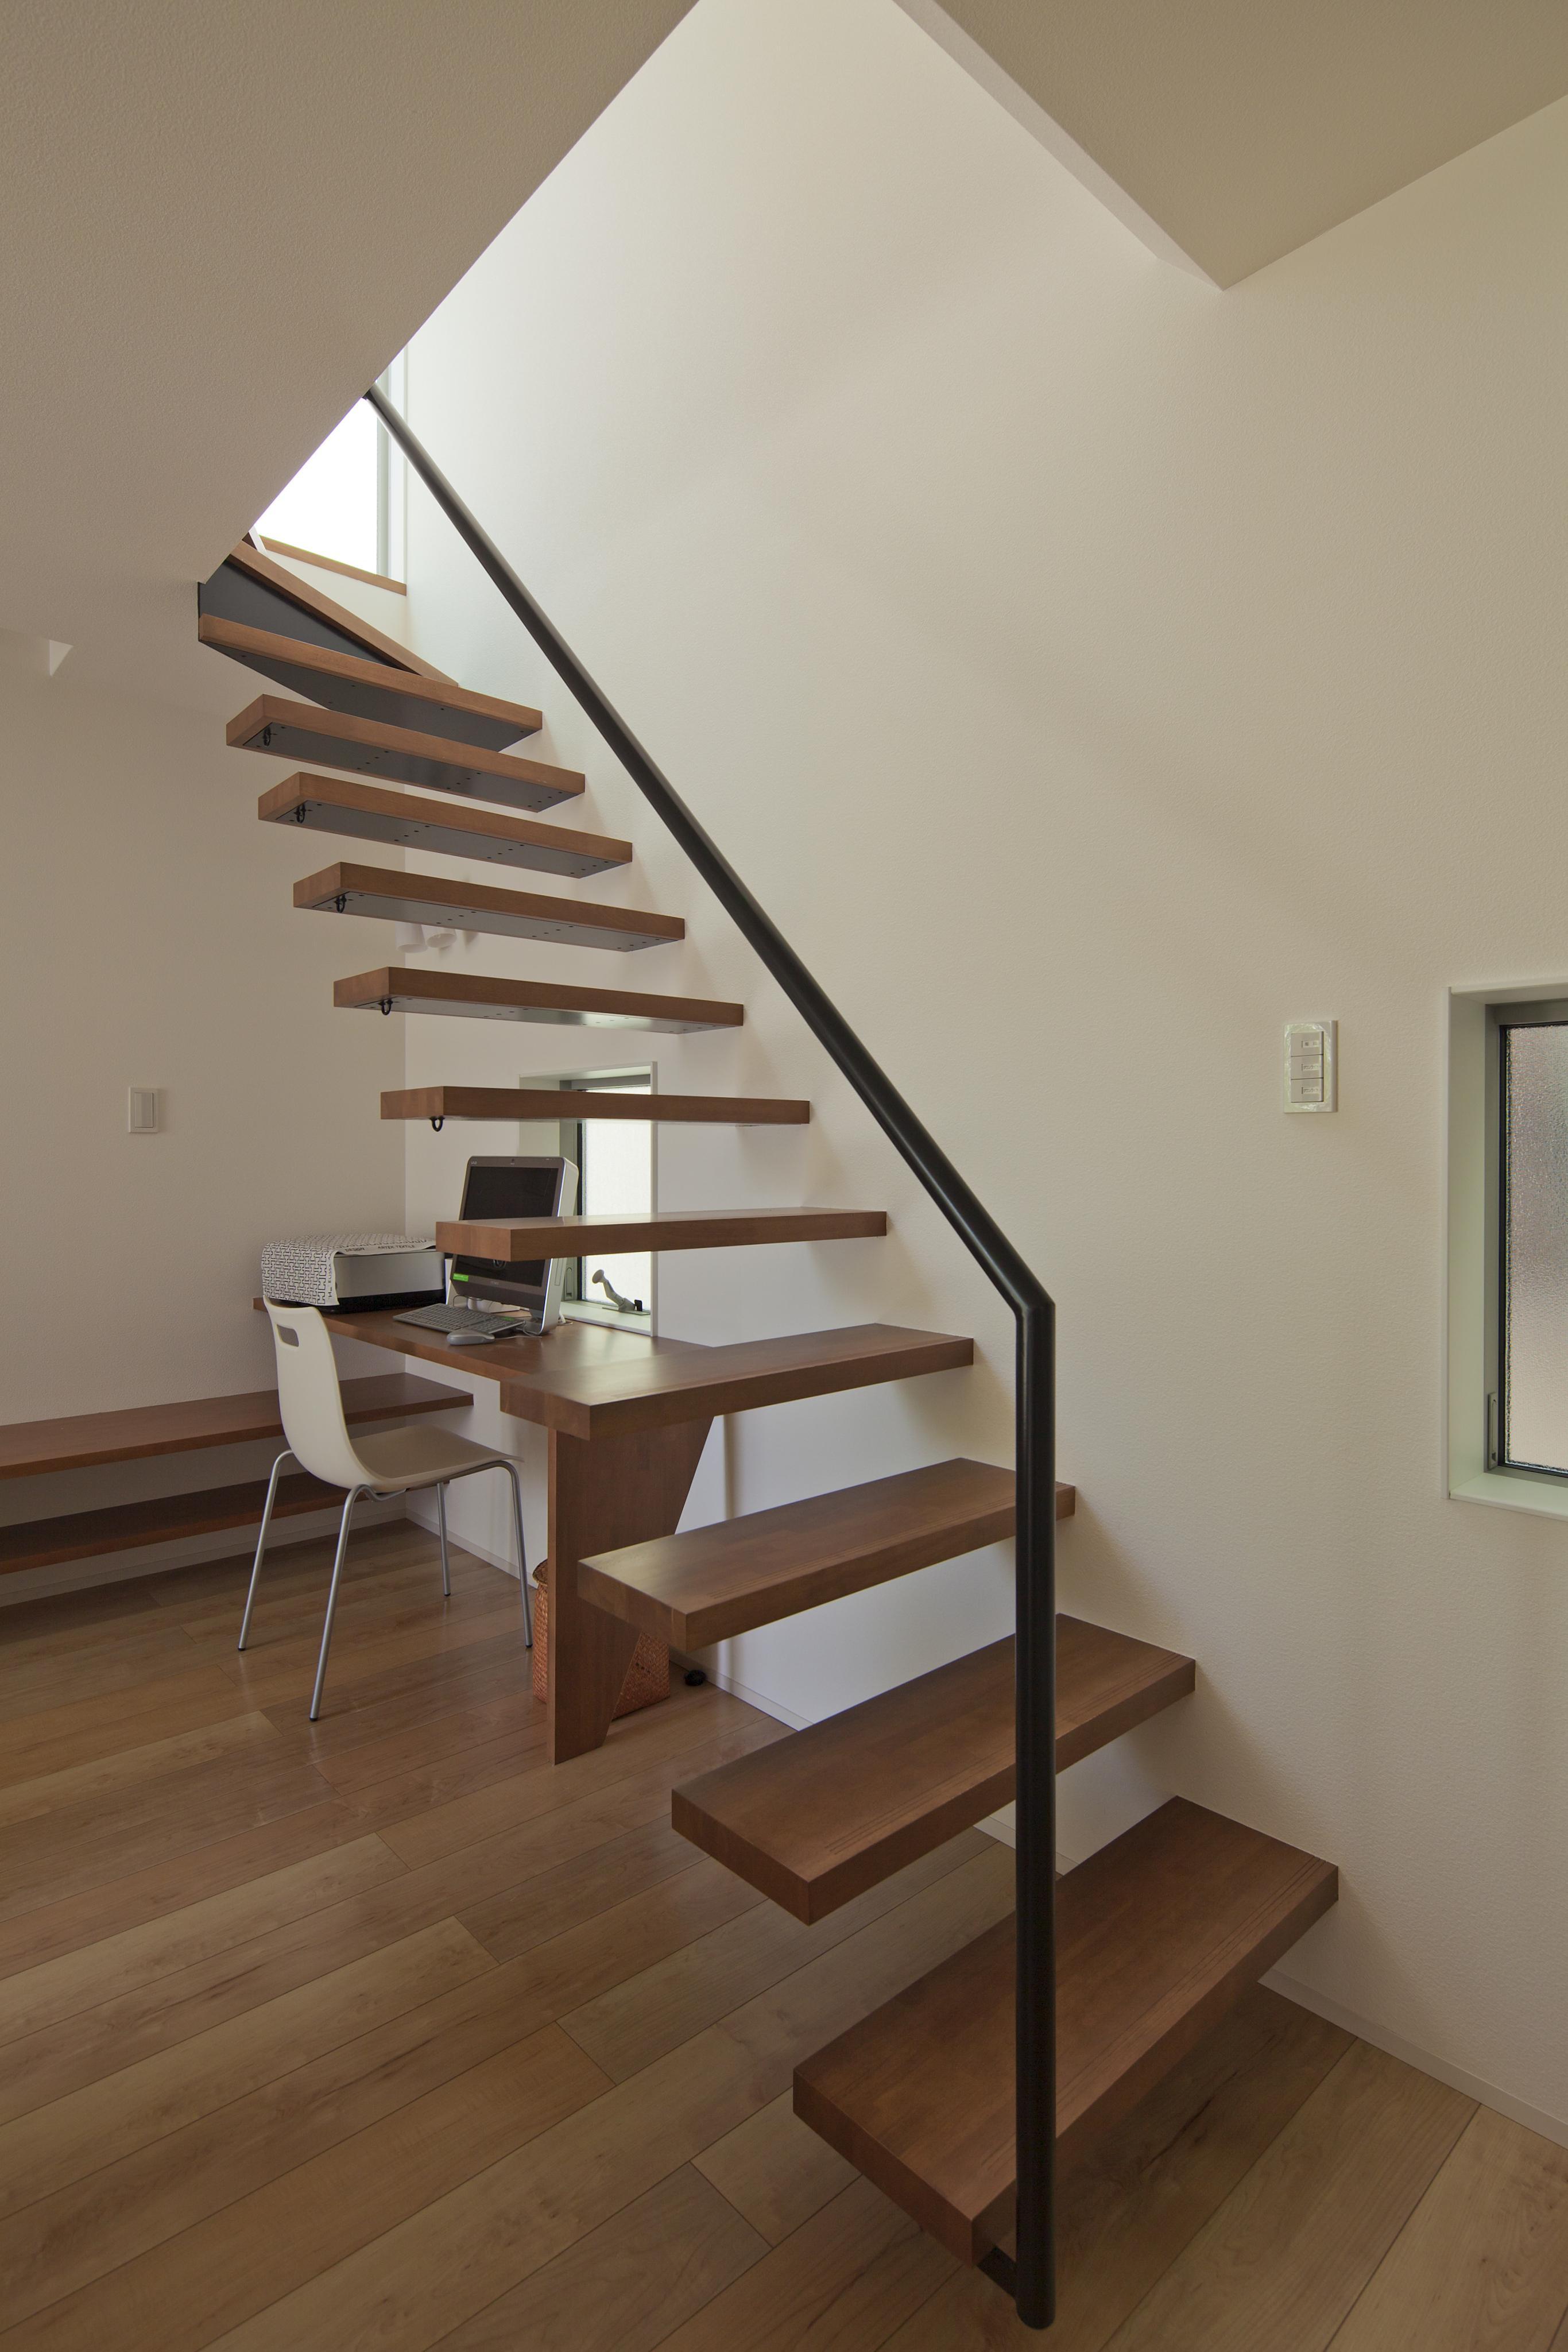 伊丹市 H邸の部屋 壁に埋め込んだ個性的な階段